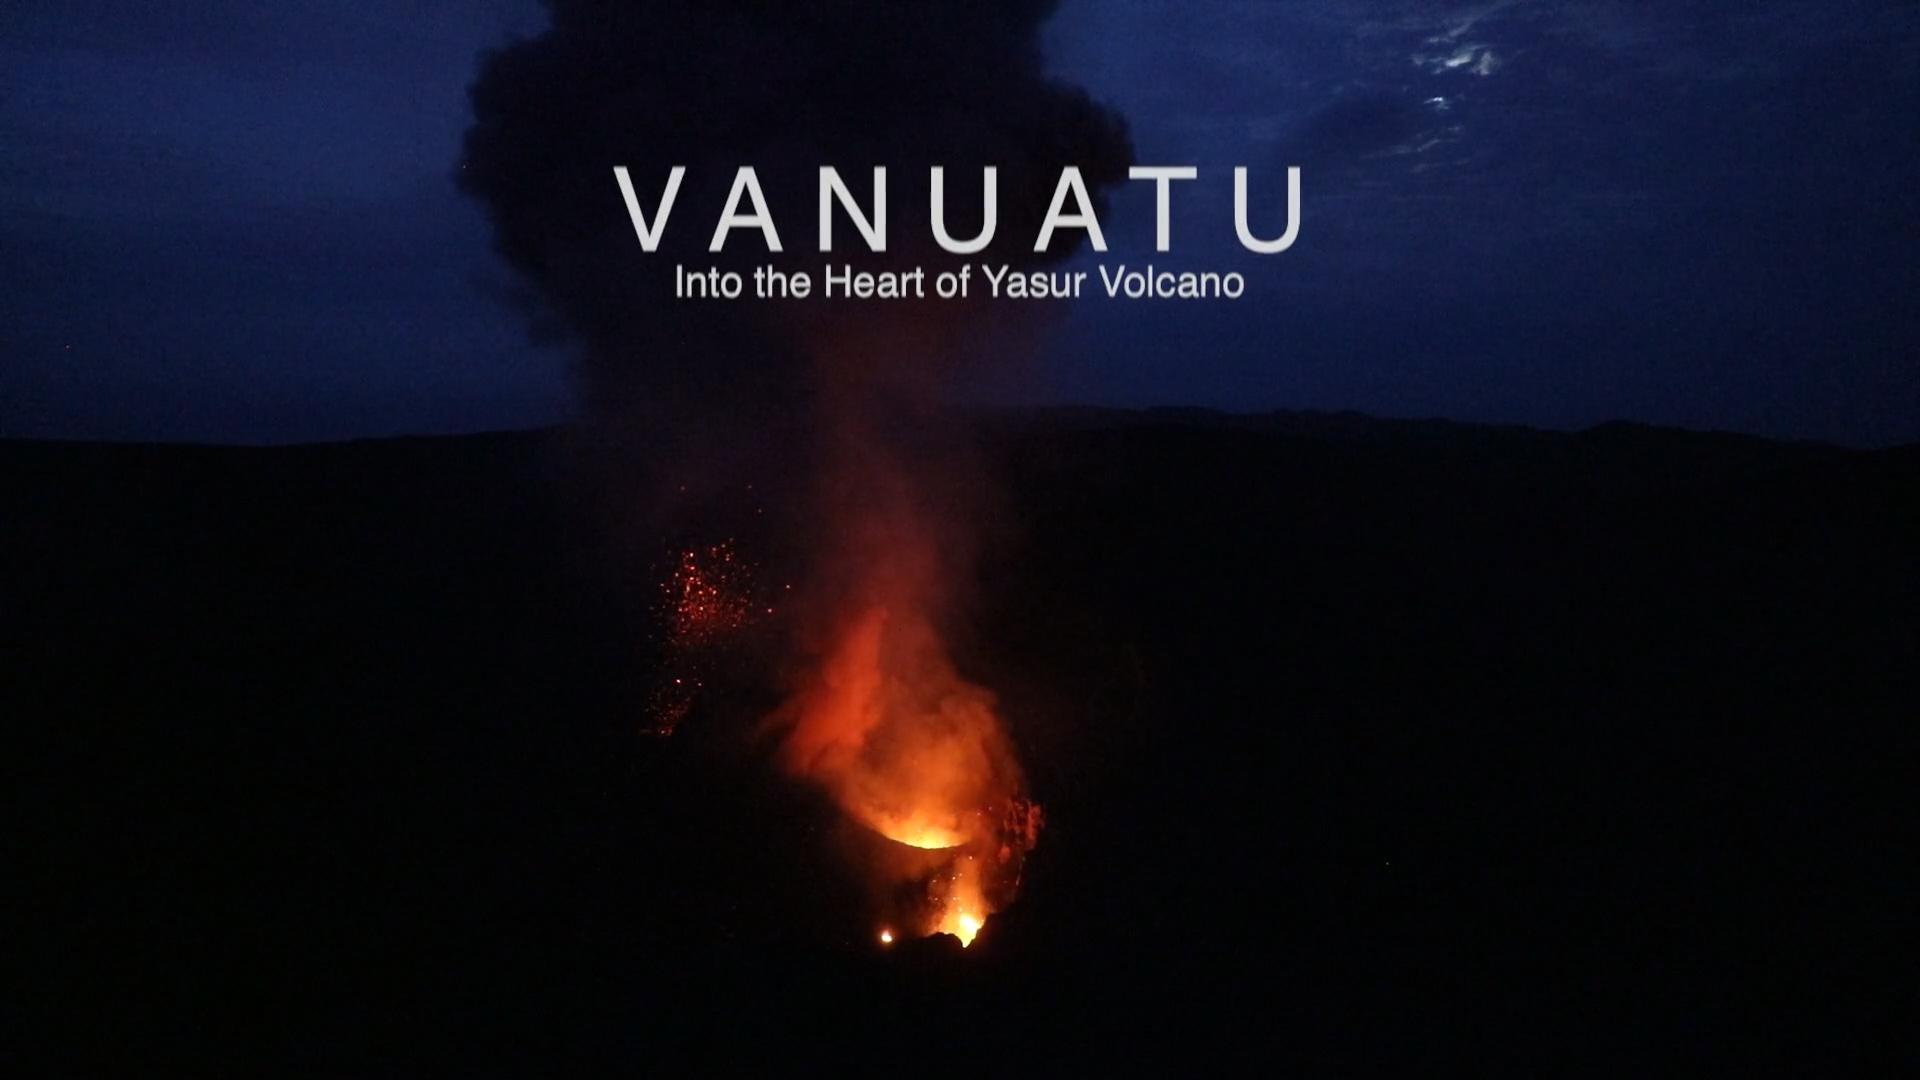 Photographing Vanuatu